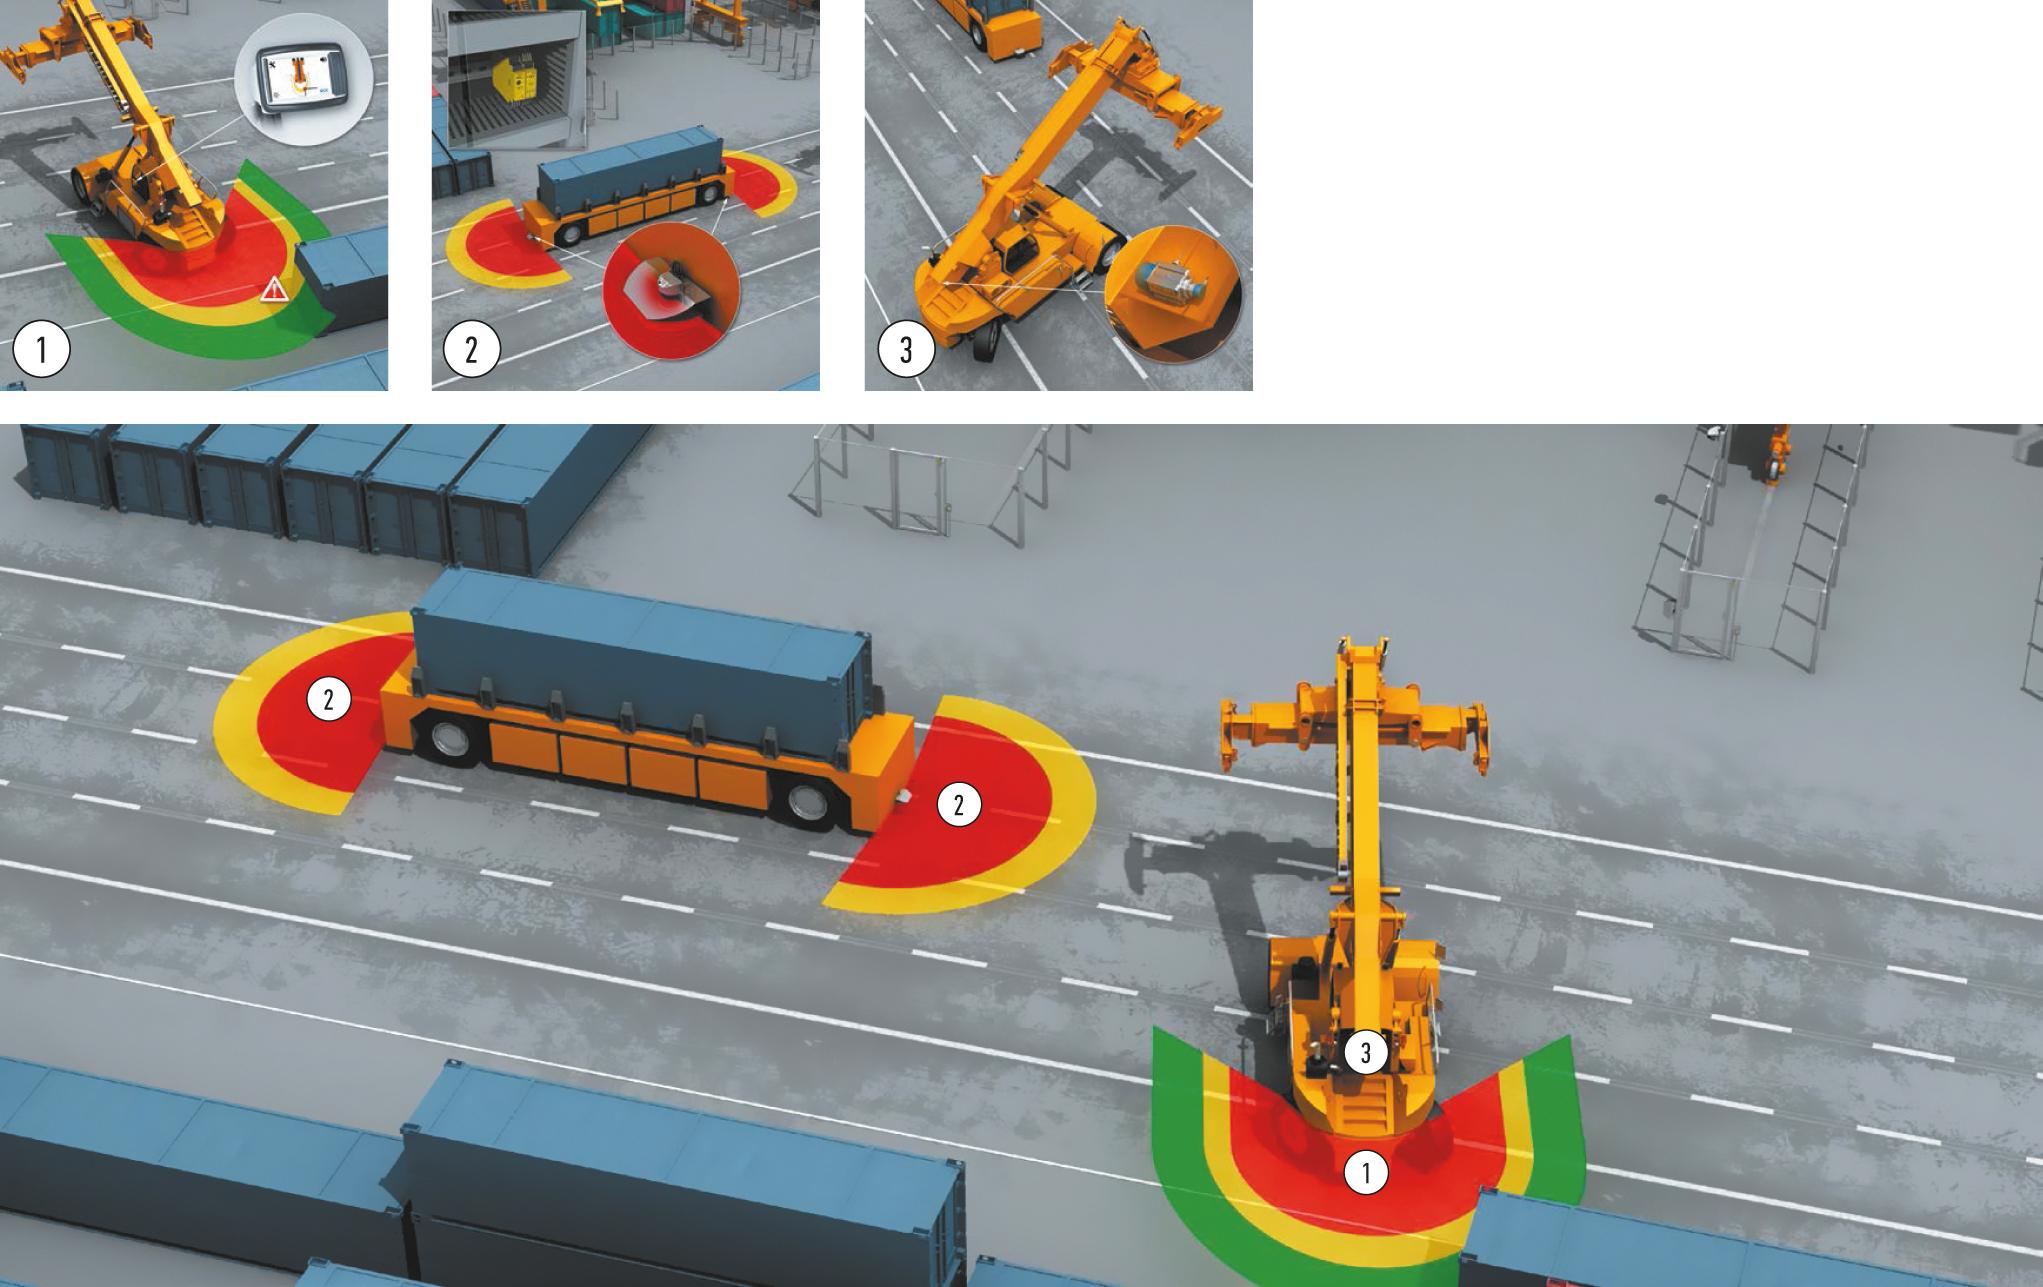 Области применения и назначение оборудования компании SICK для обеспечения безопасности транспорта на территории порта